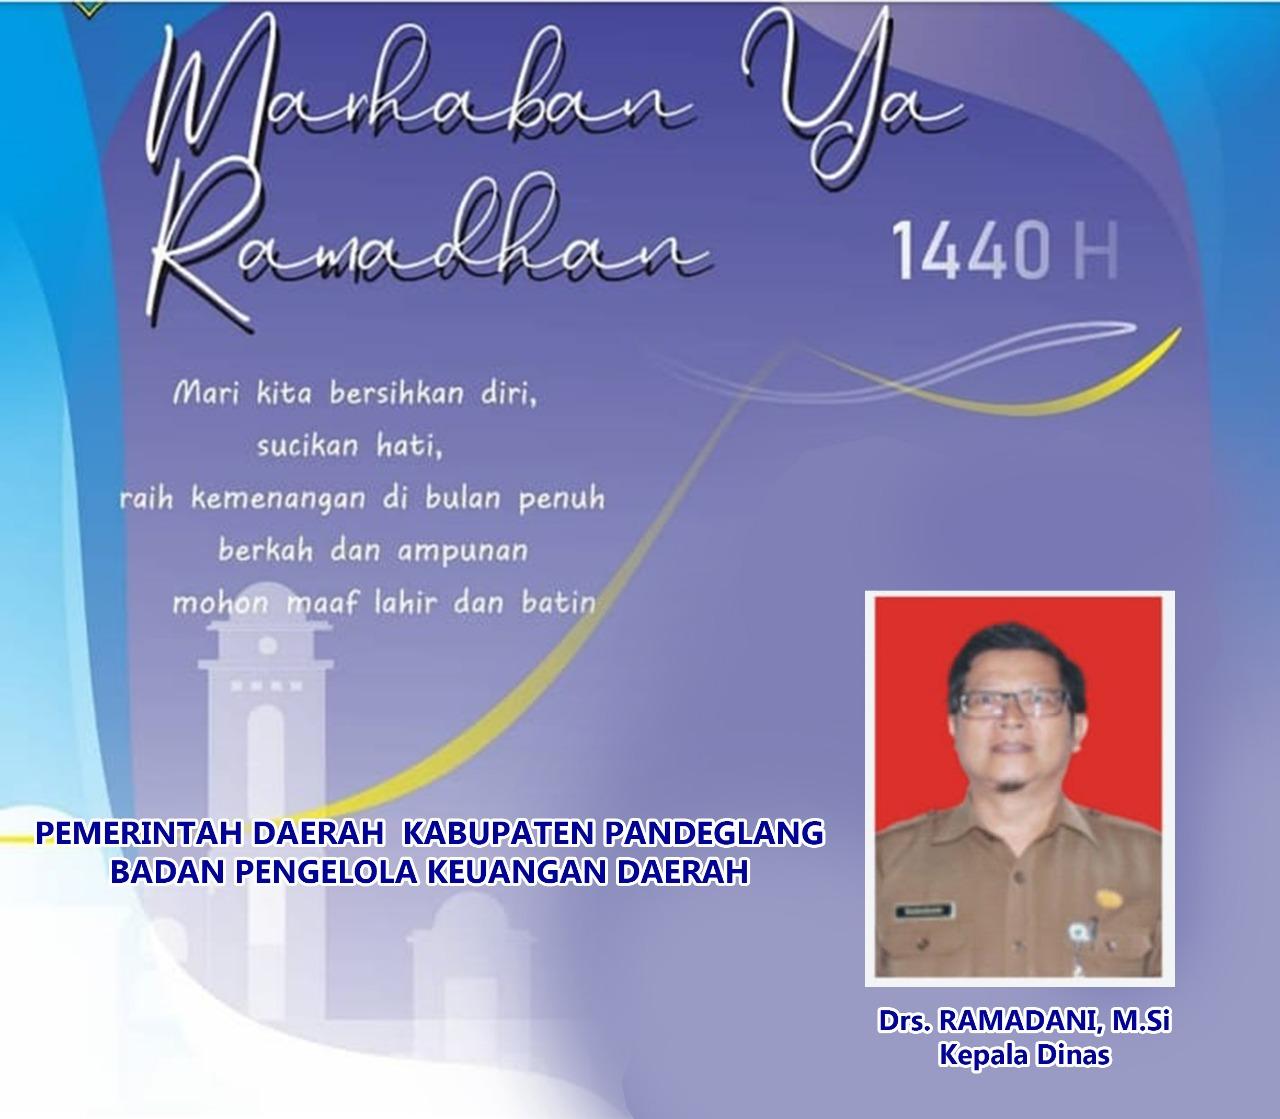 Drs.Ramadani,M.Si